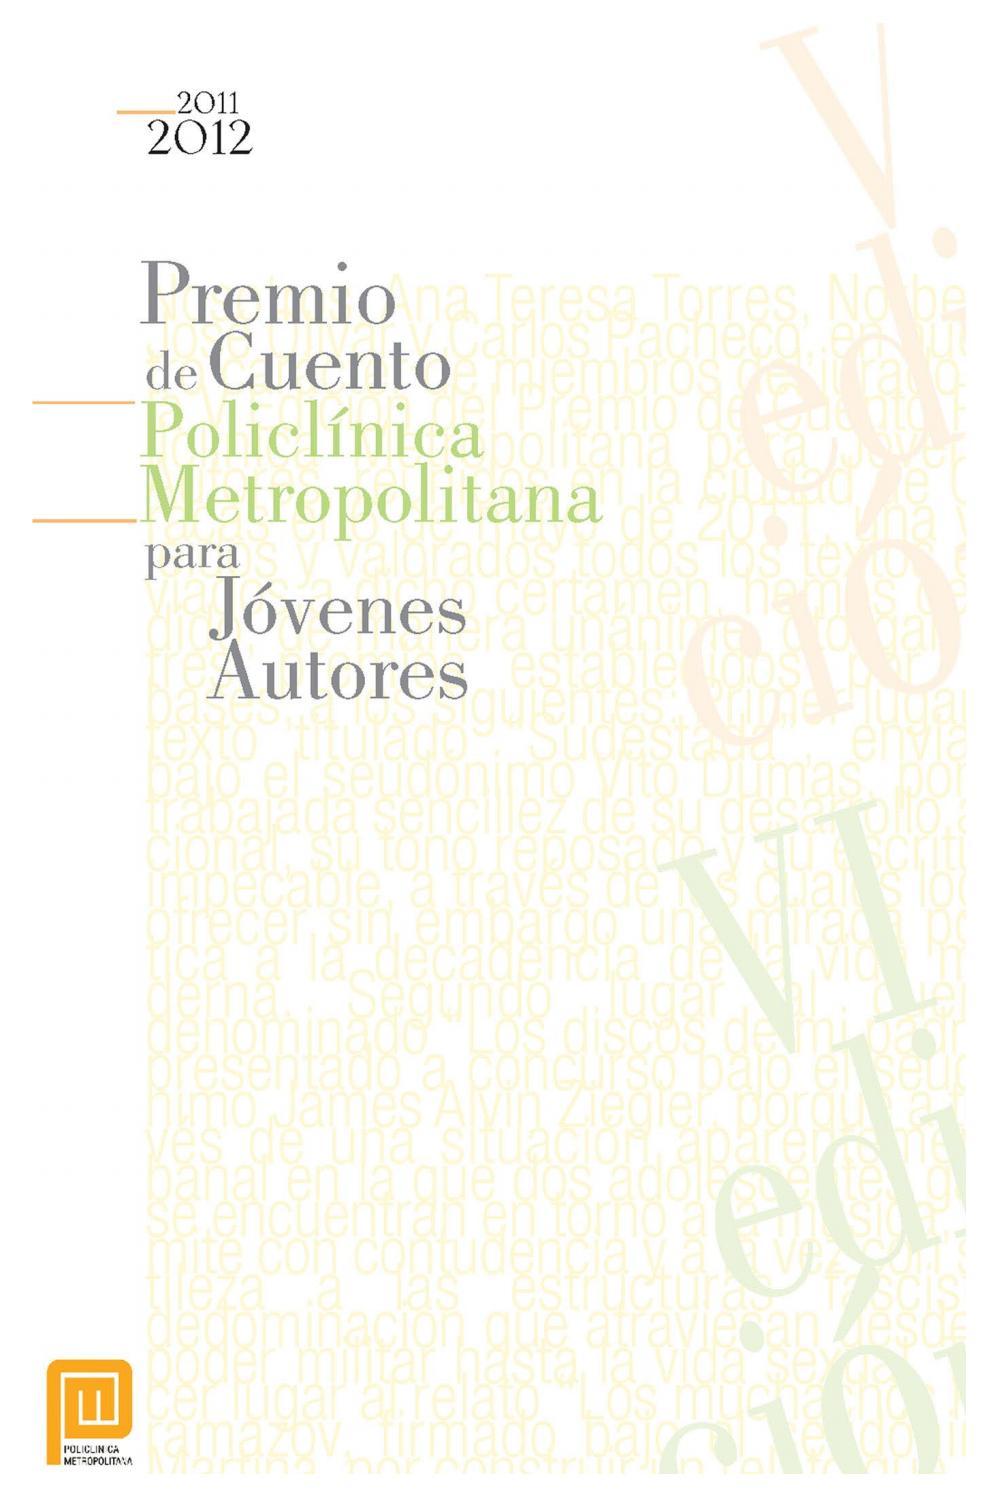 Premio de cuentos ediciones 5 y 6 by yober - issuu